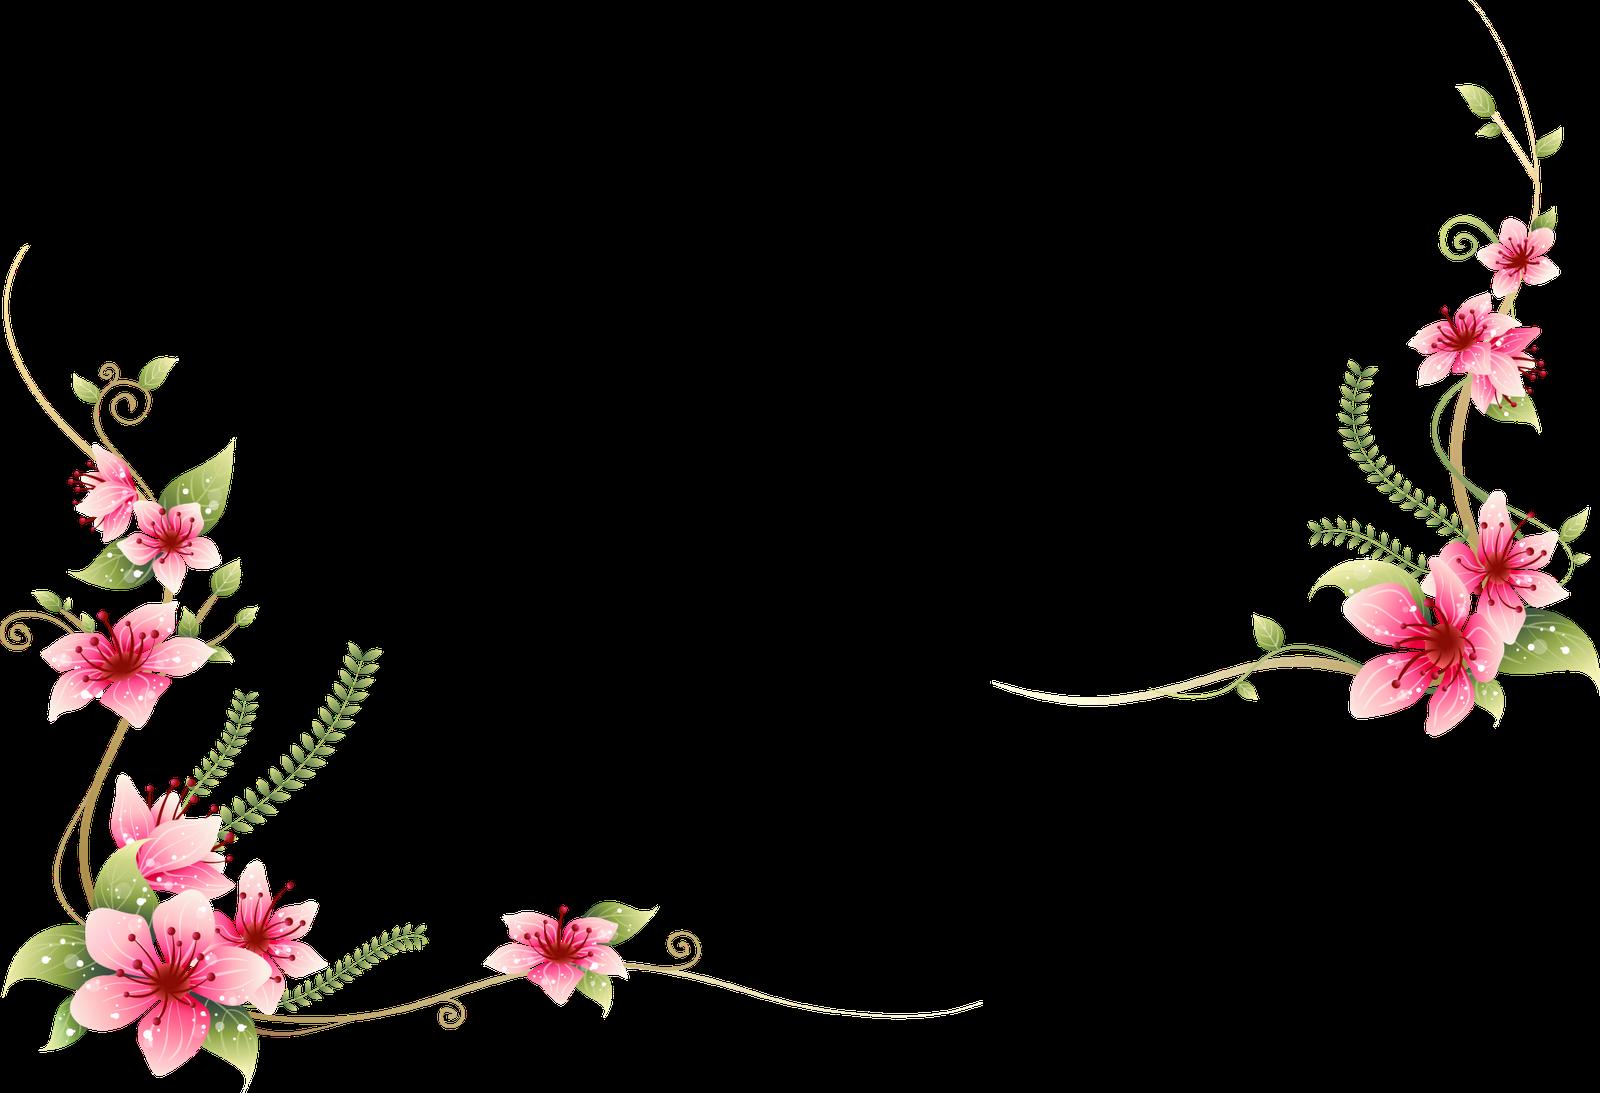 ผลการค้นหารูปภาพสำหรับ frame flower vector png Bingkai